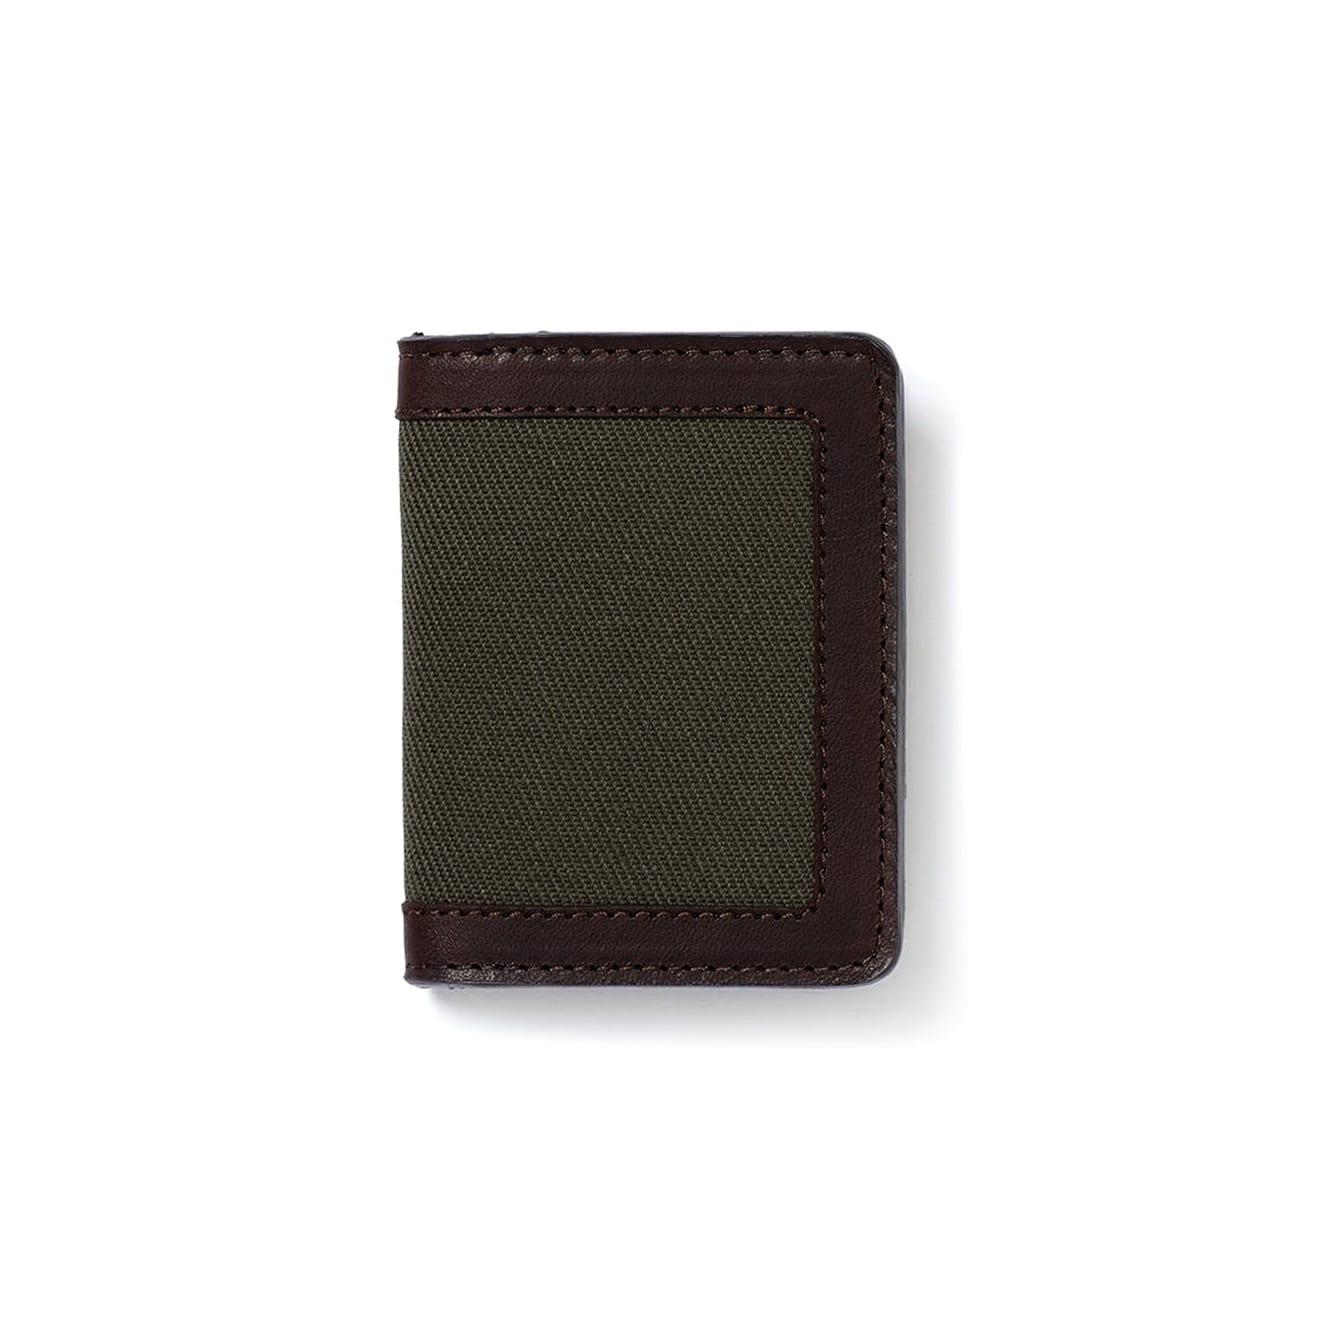 Filson Outfitter Card Wallet Otter Green